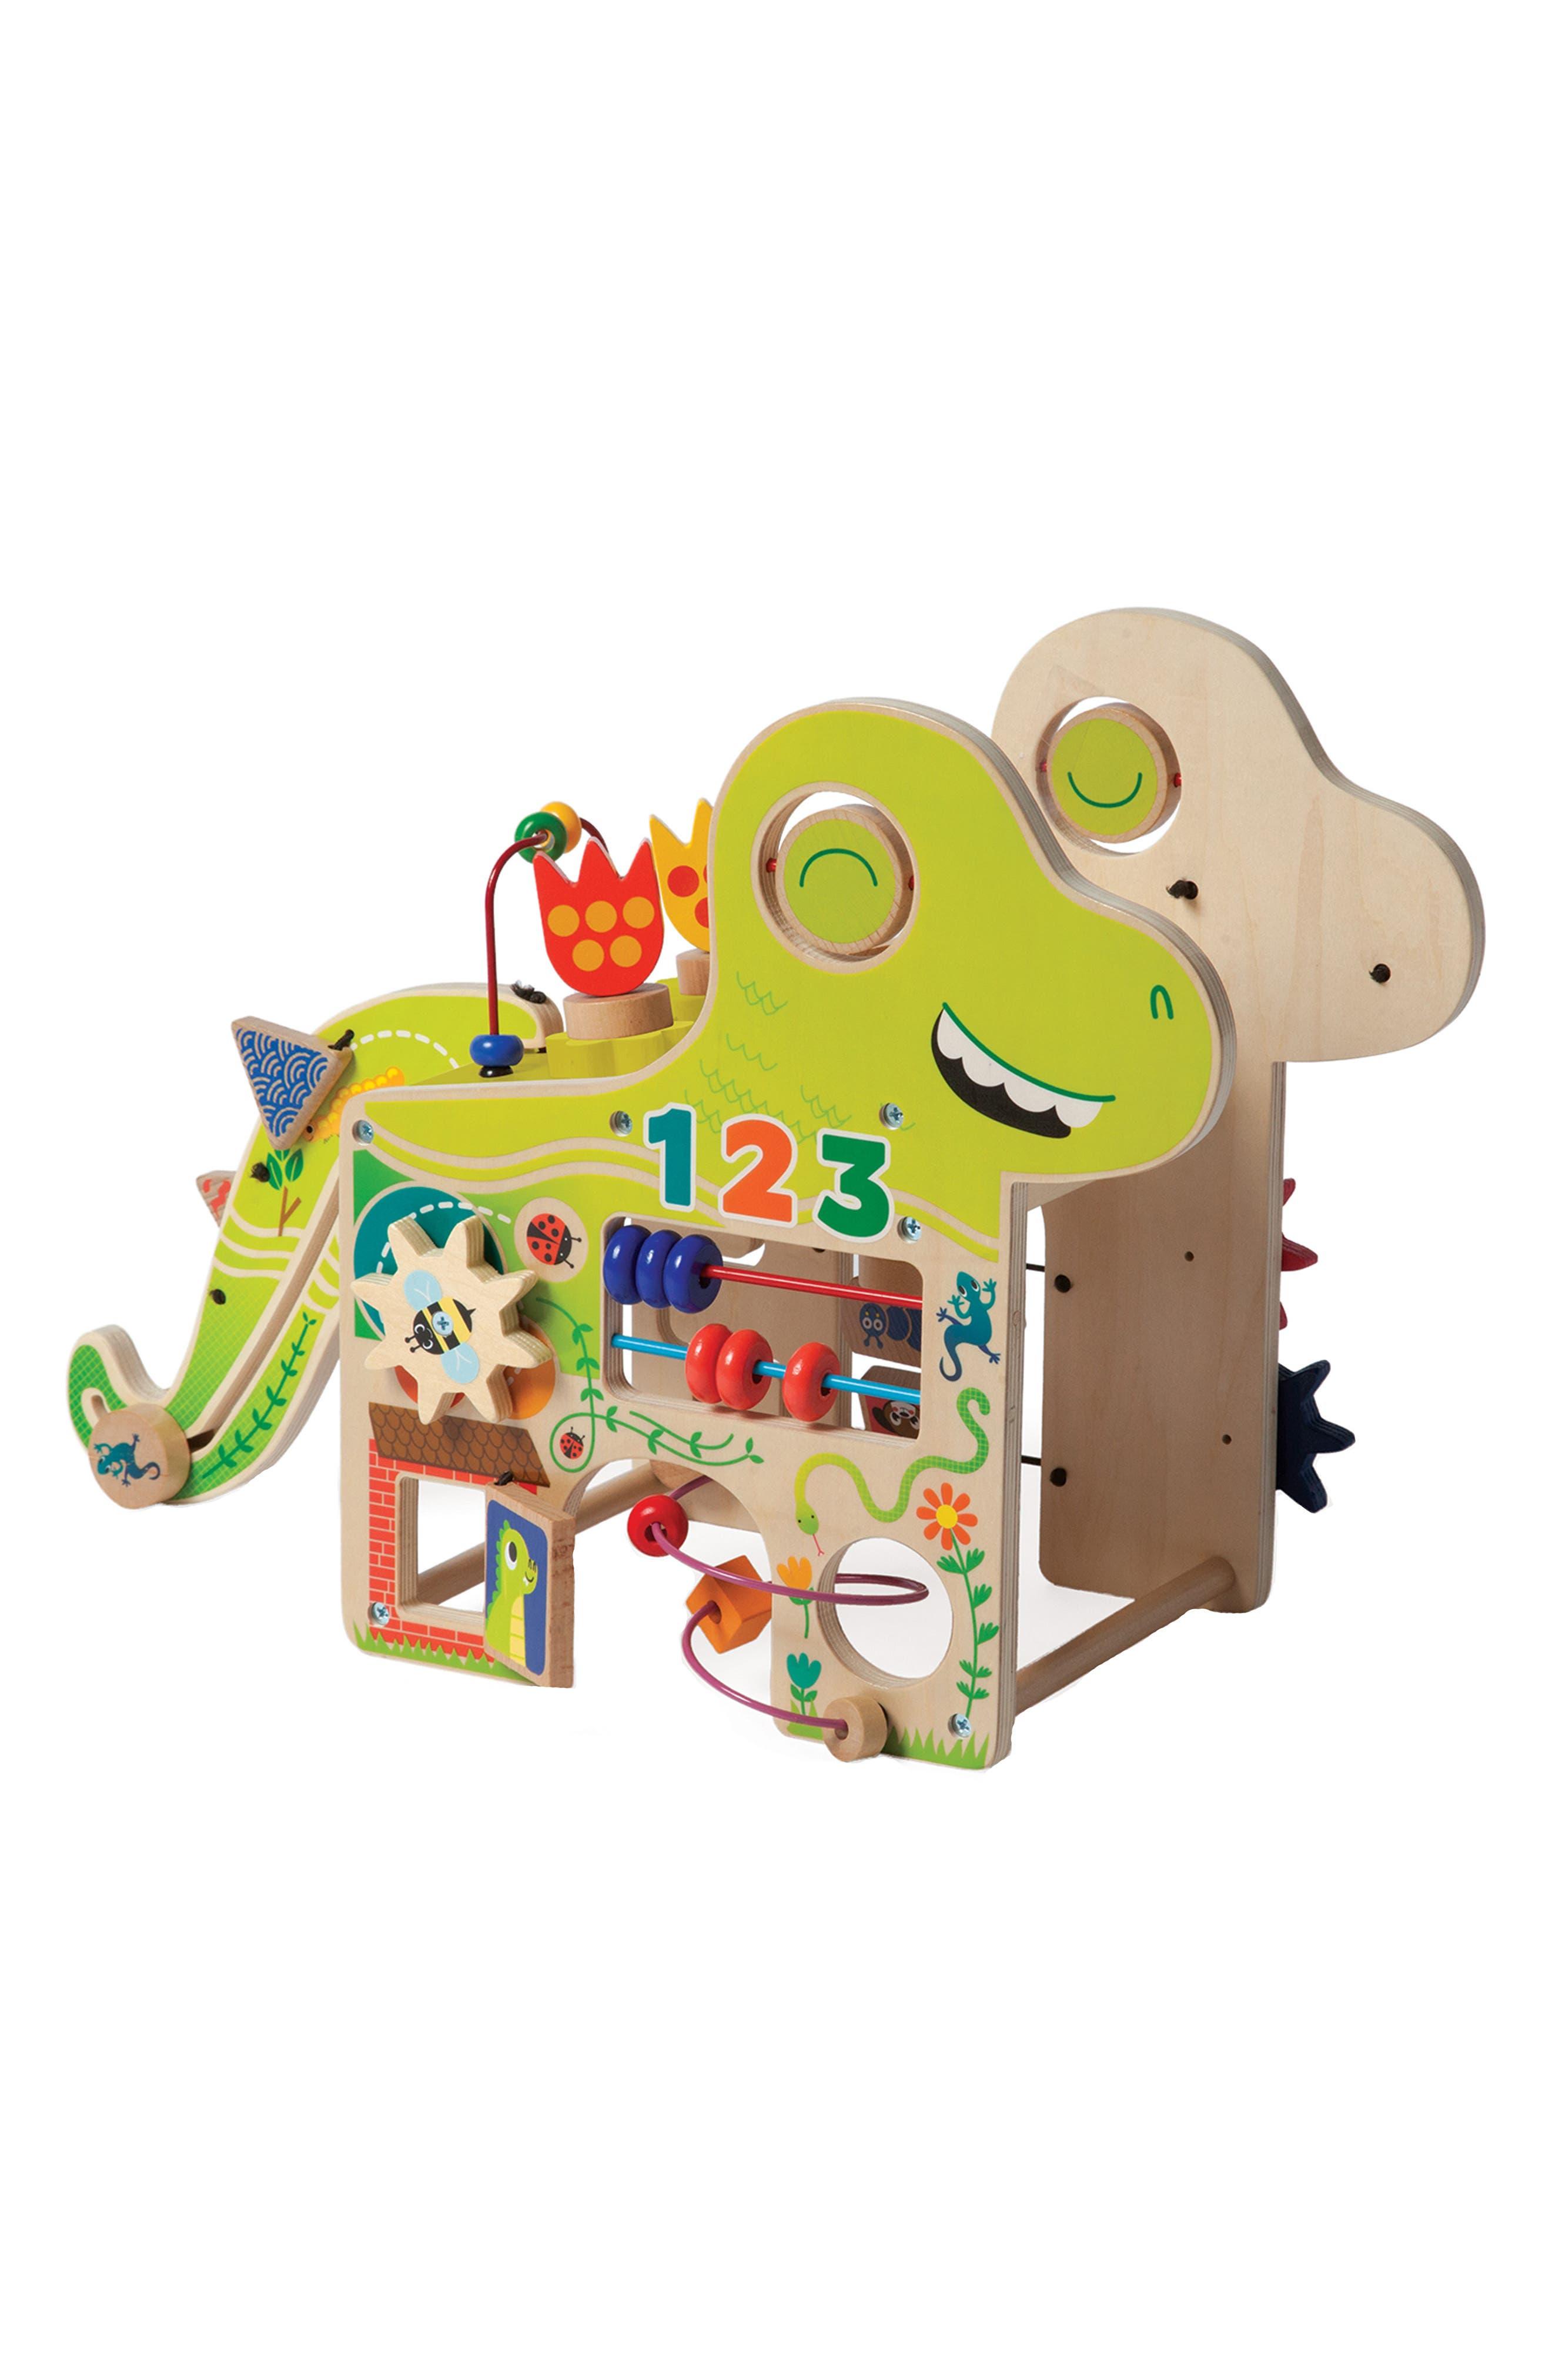 Manhattan Toy Wooden Playful Dino Activity Center